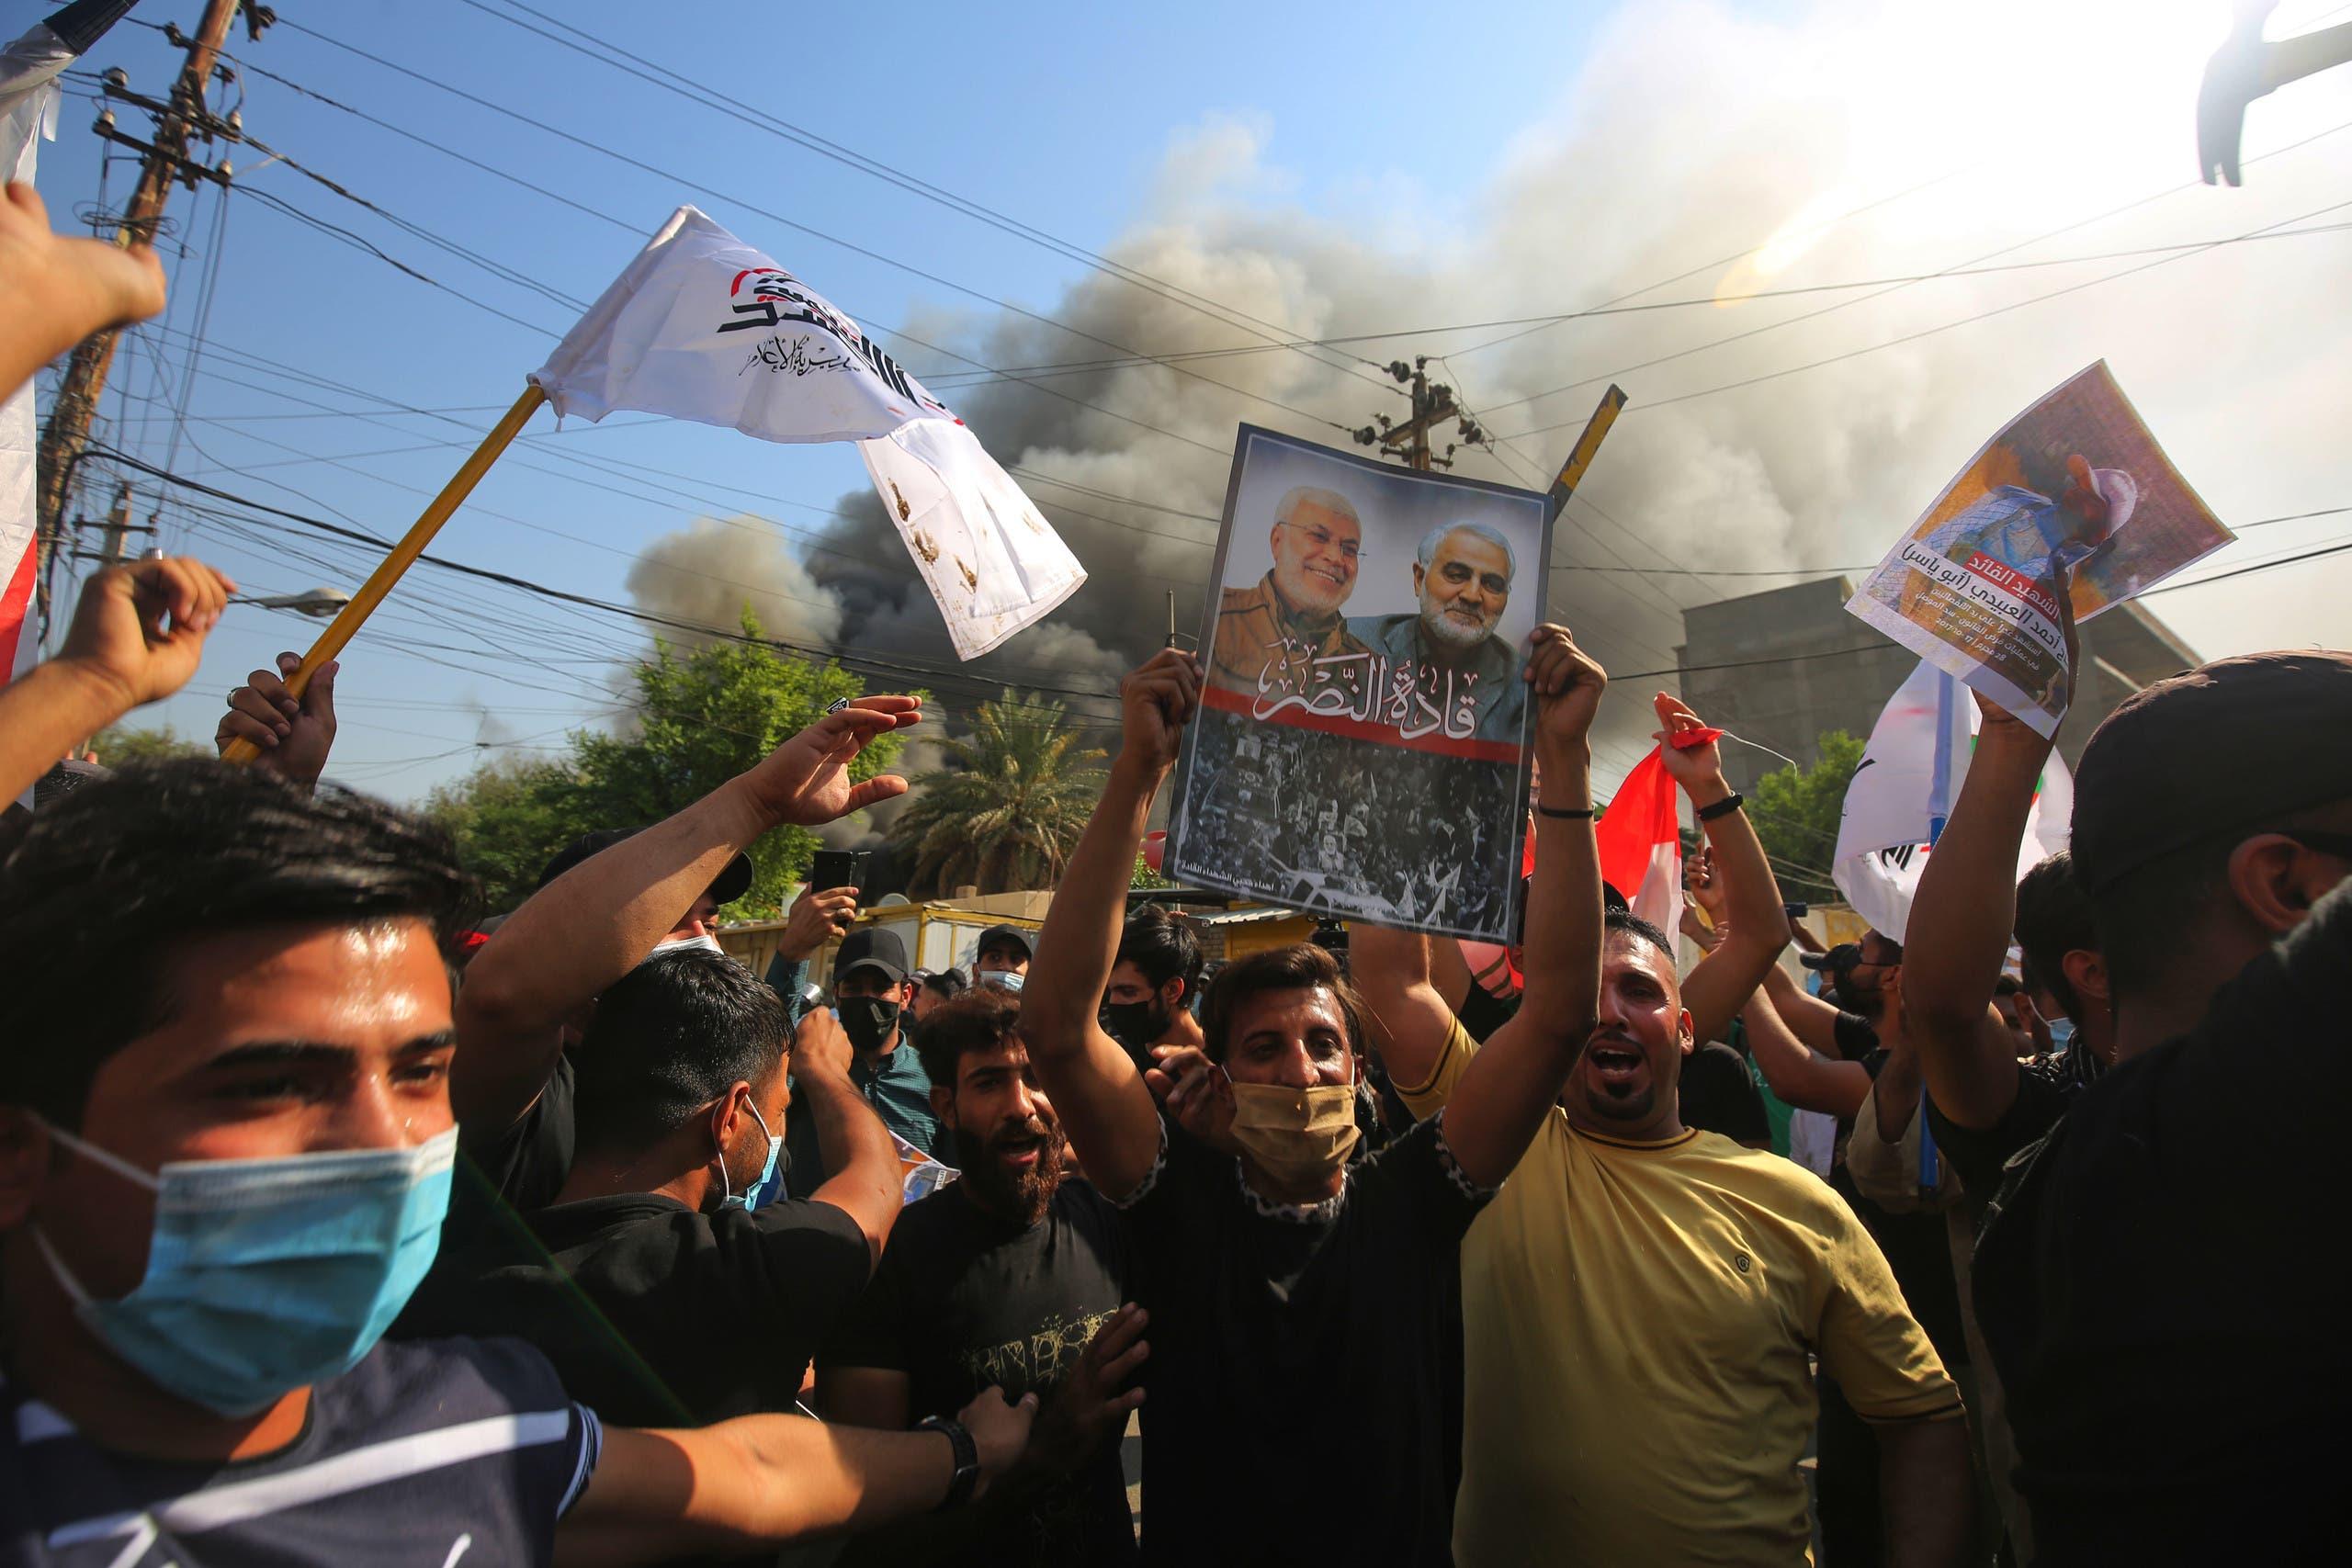 من محيط مقر الحزب الديمقراطي الكردستاني في بغداد (17 أكتوبر 2020- فرانس برس)